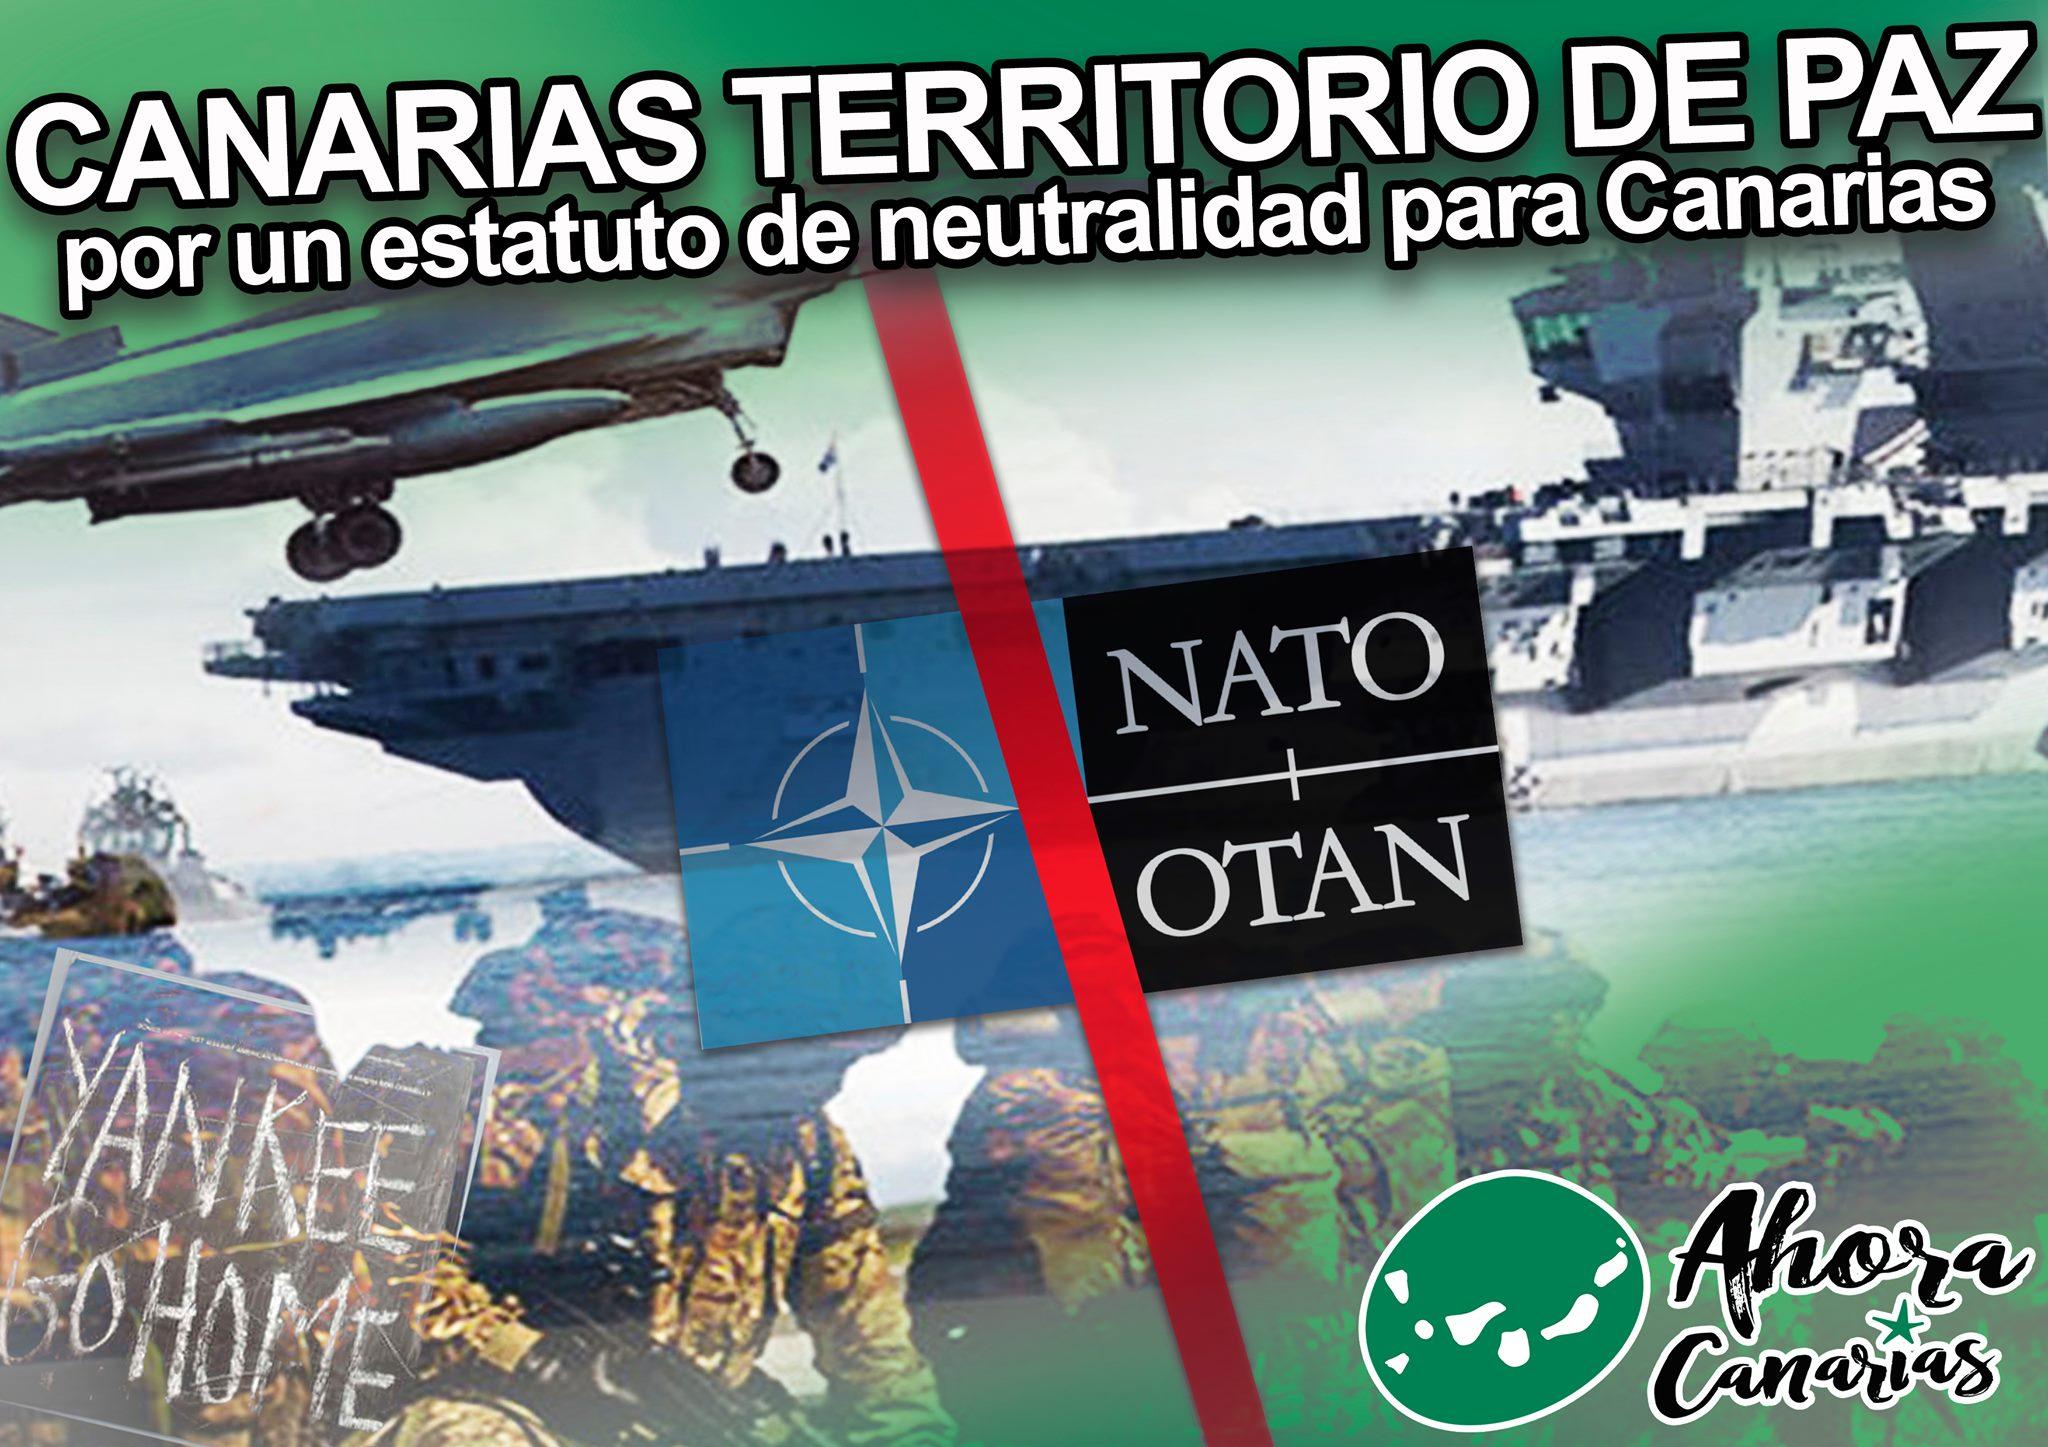 Ahora Canarias denuncia la utilización de nuestro territorio, por la OTAN